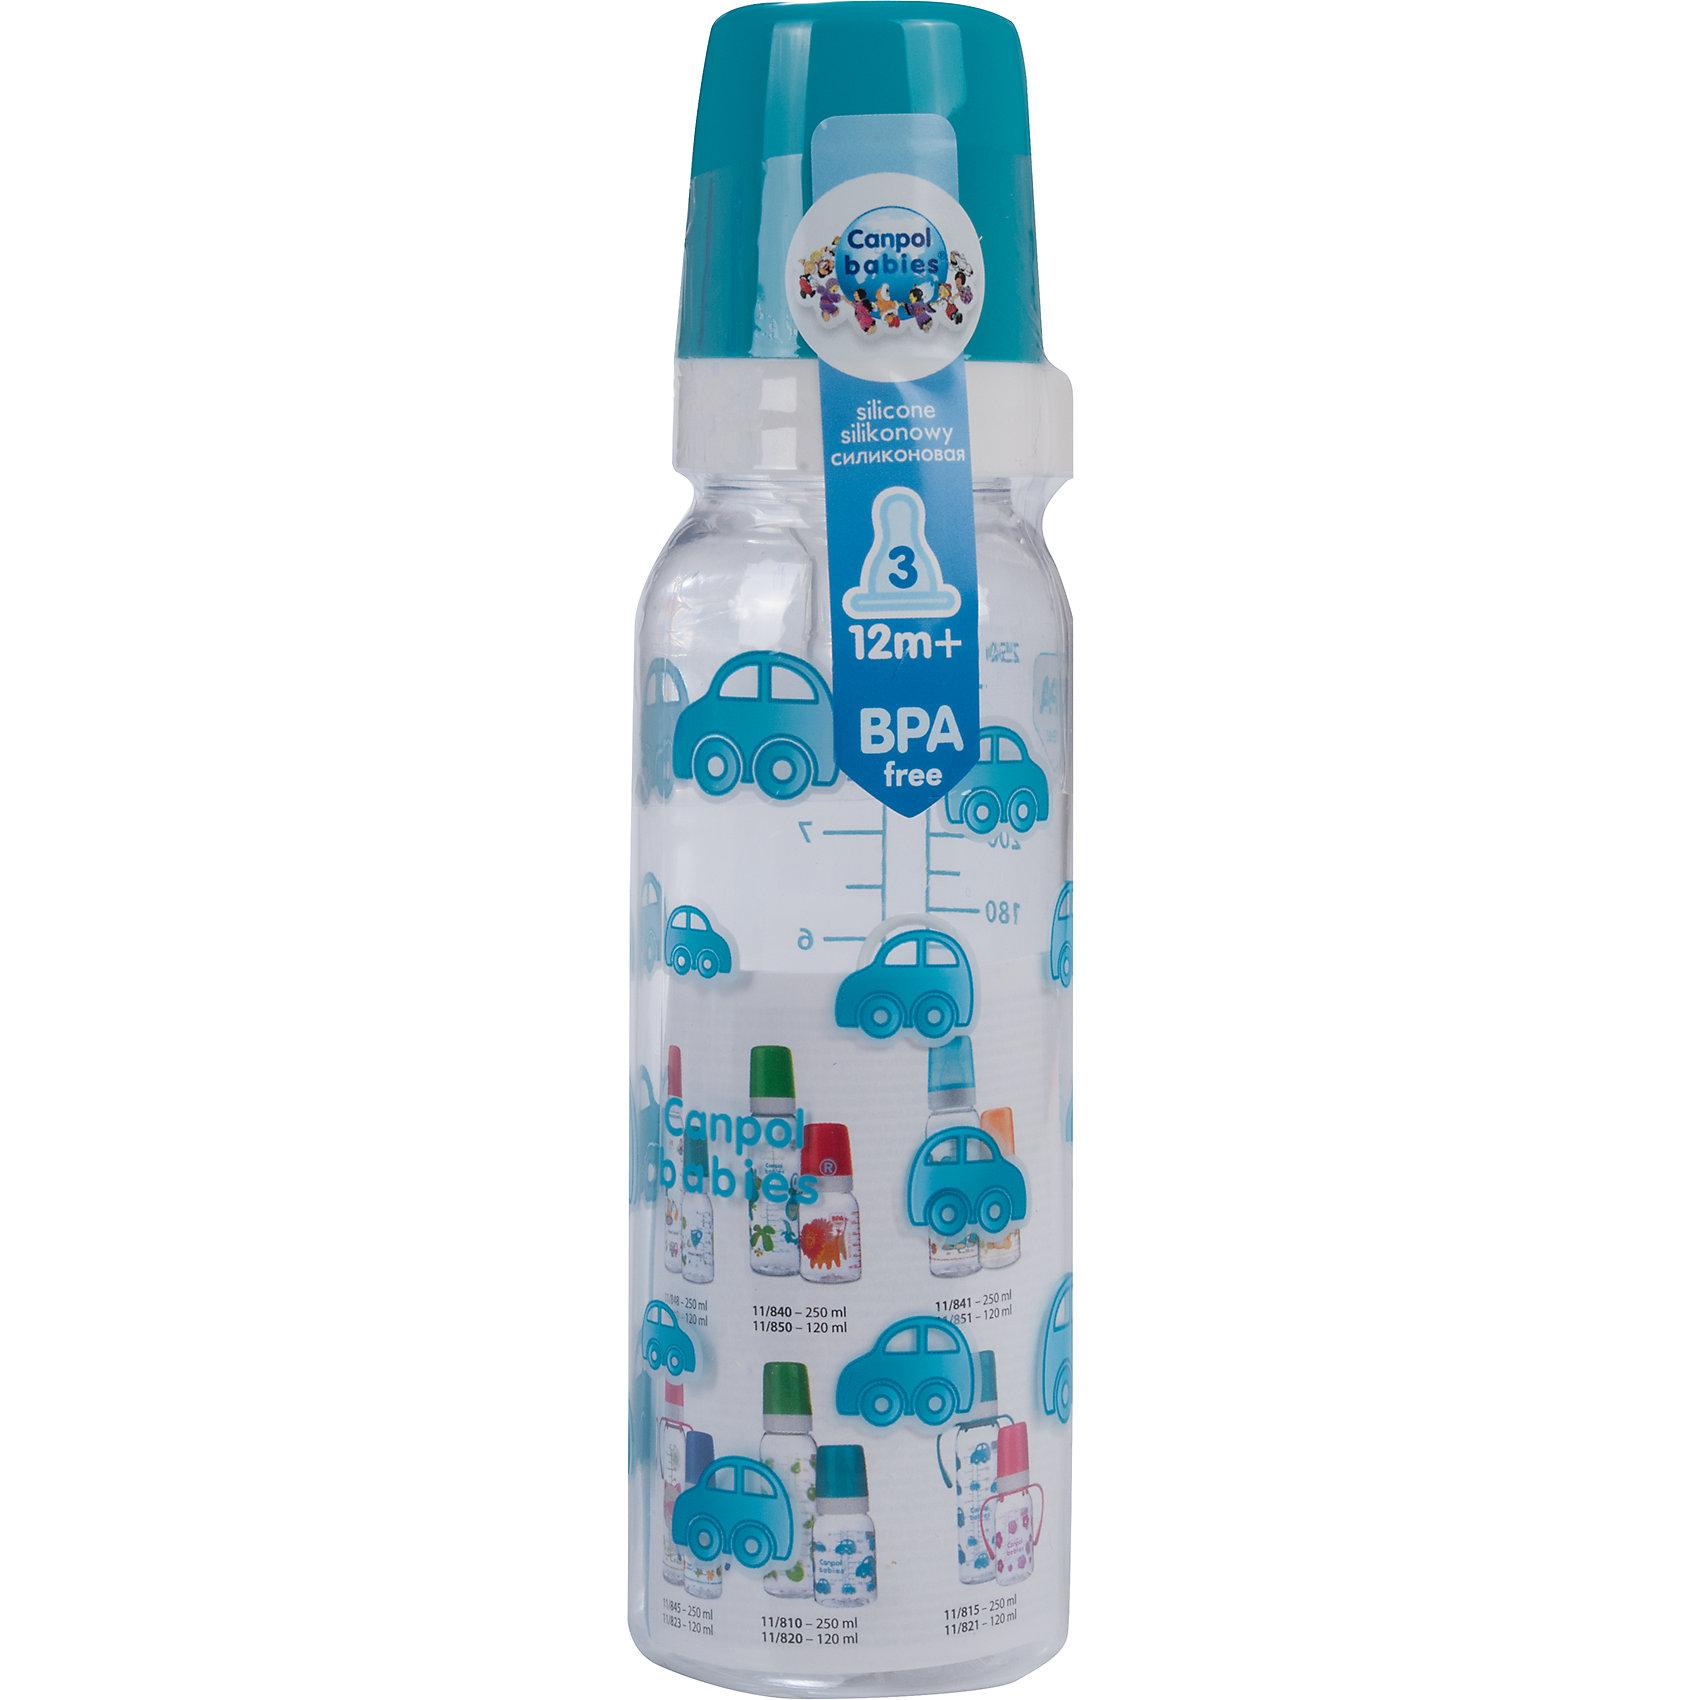 Canpol Babies Бутылочка тритановая (BPA 0%) с сил. соской, 250 мл. 12+, Canpol Babies, бирюзовый canpol babies бутылочка тритановая bpa 0